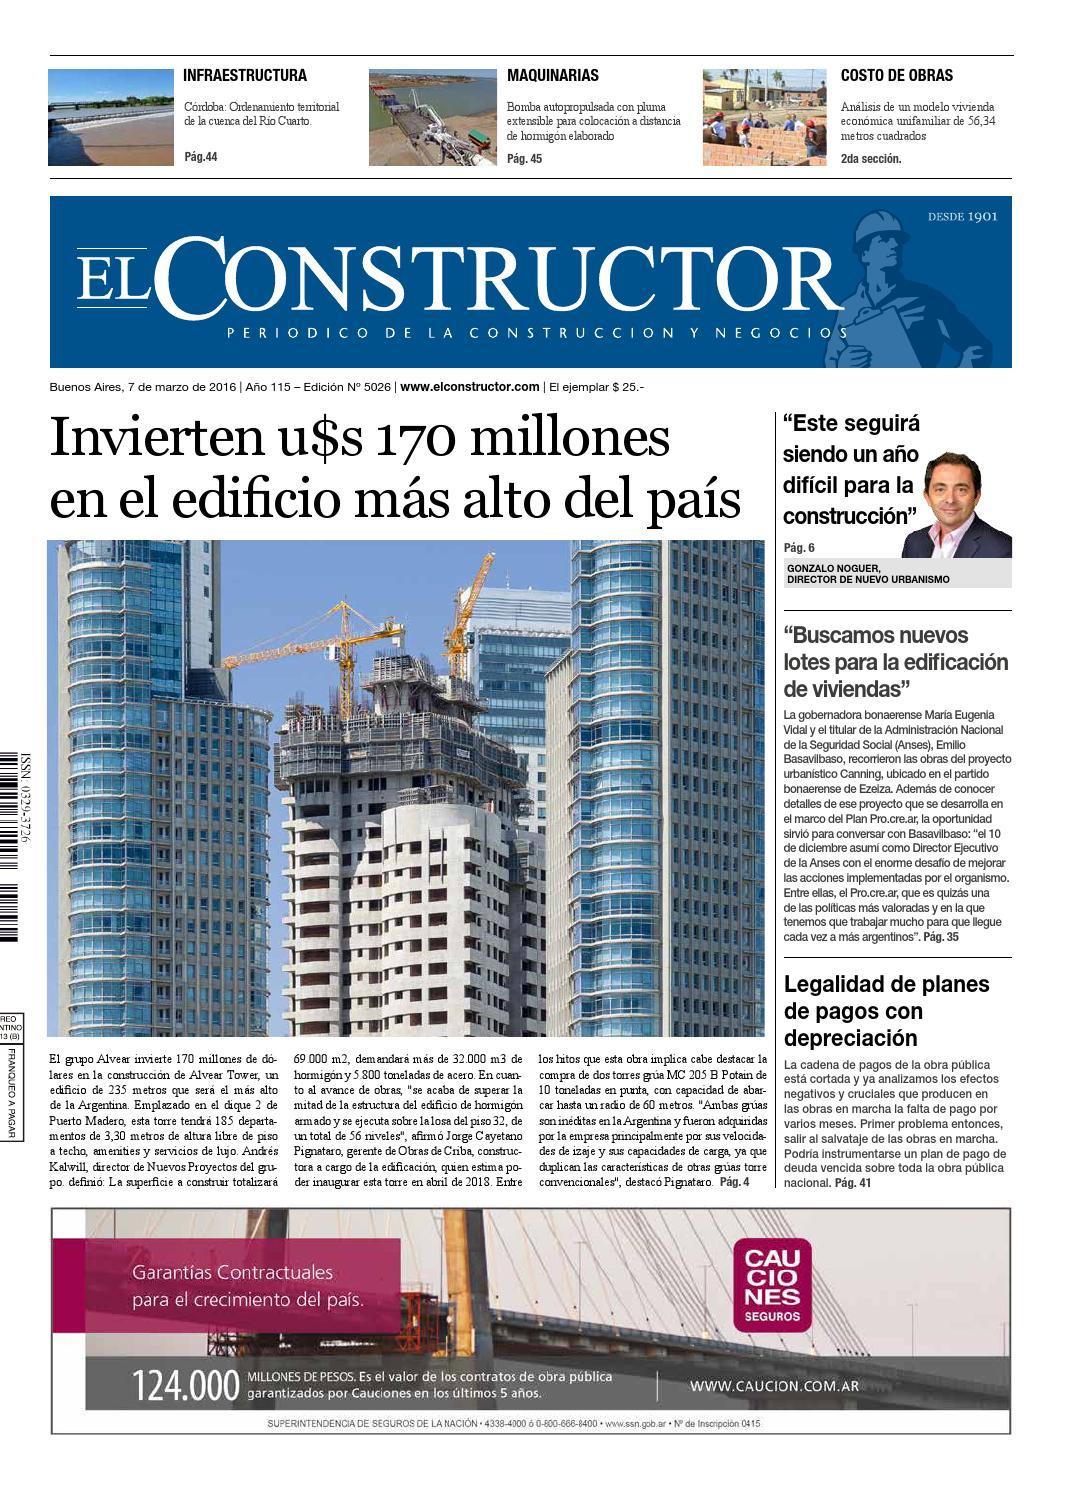 El Constructor 07/03/2016 - N° 5026 Año 115 by ELCO Editores - issuu